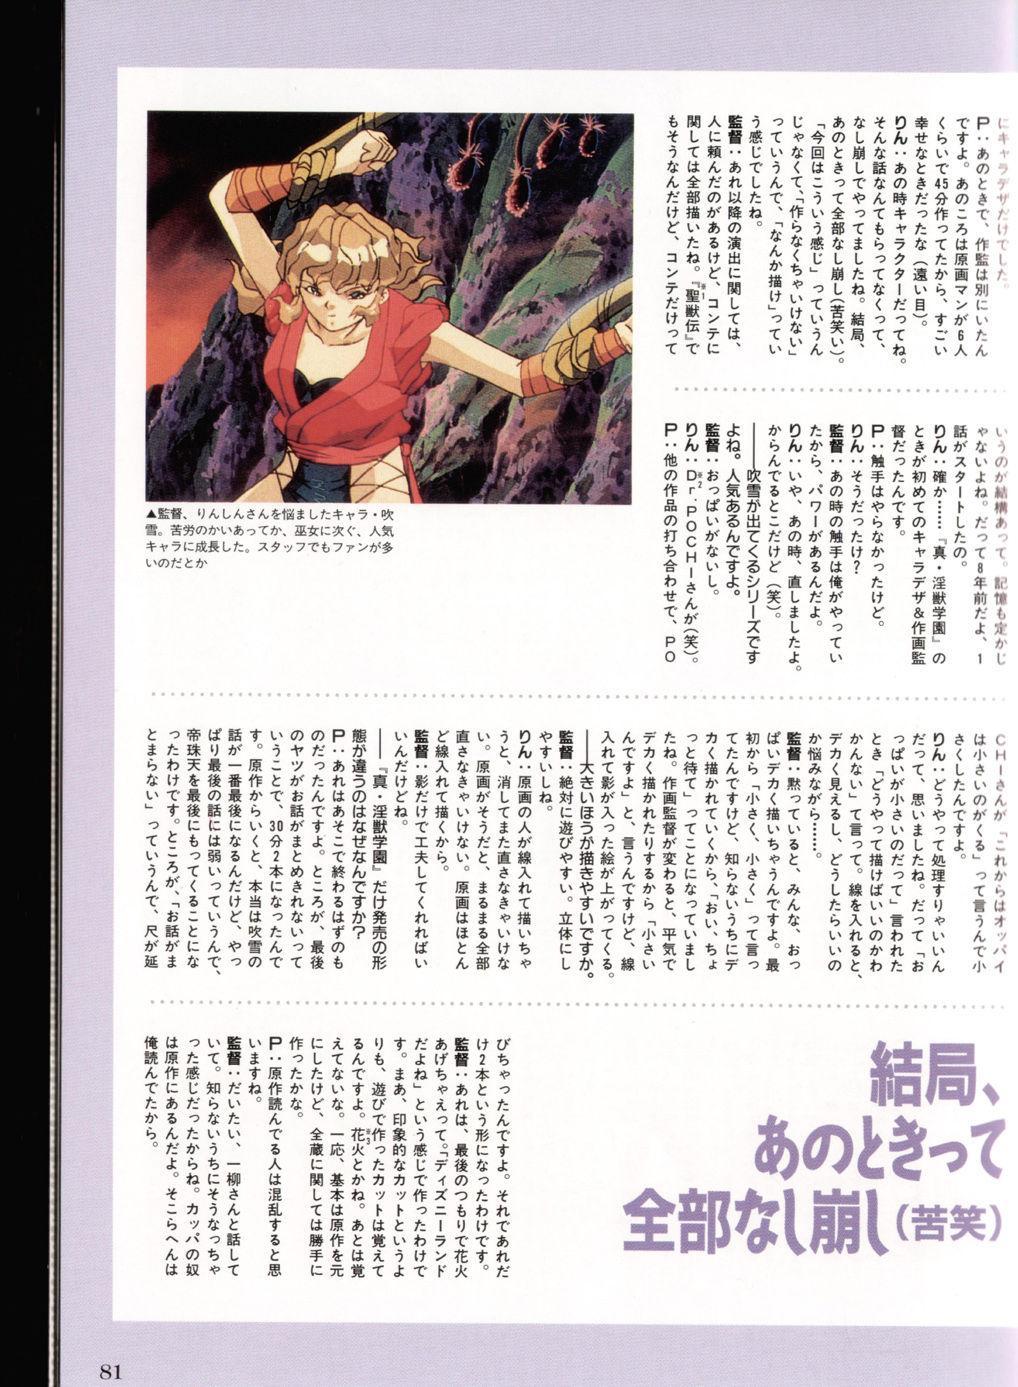 Injuu Gakuen You no Shou Secret File 76